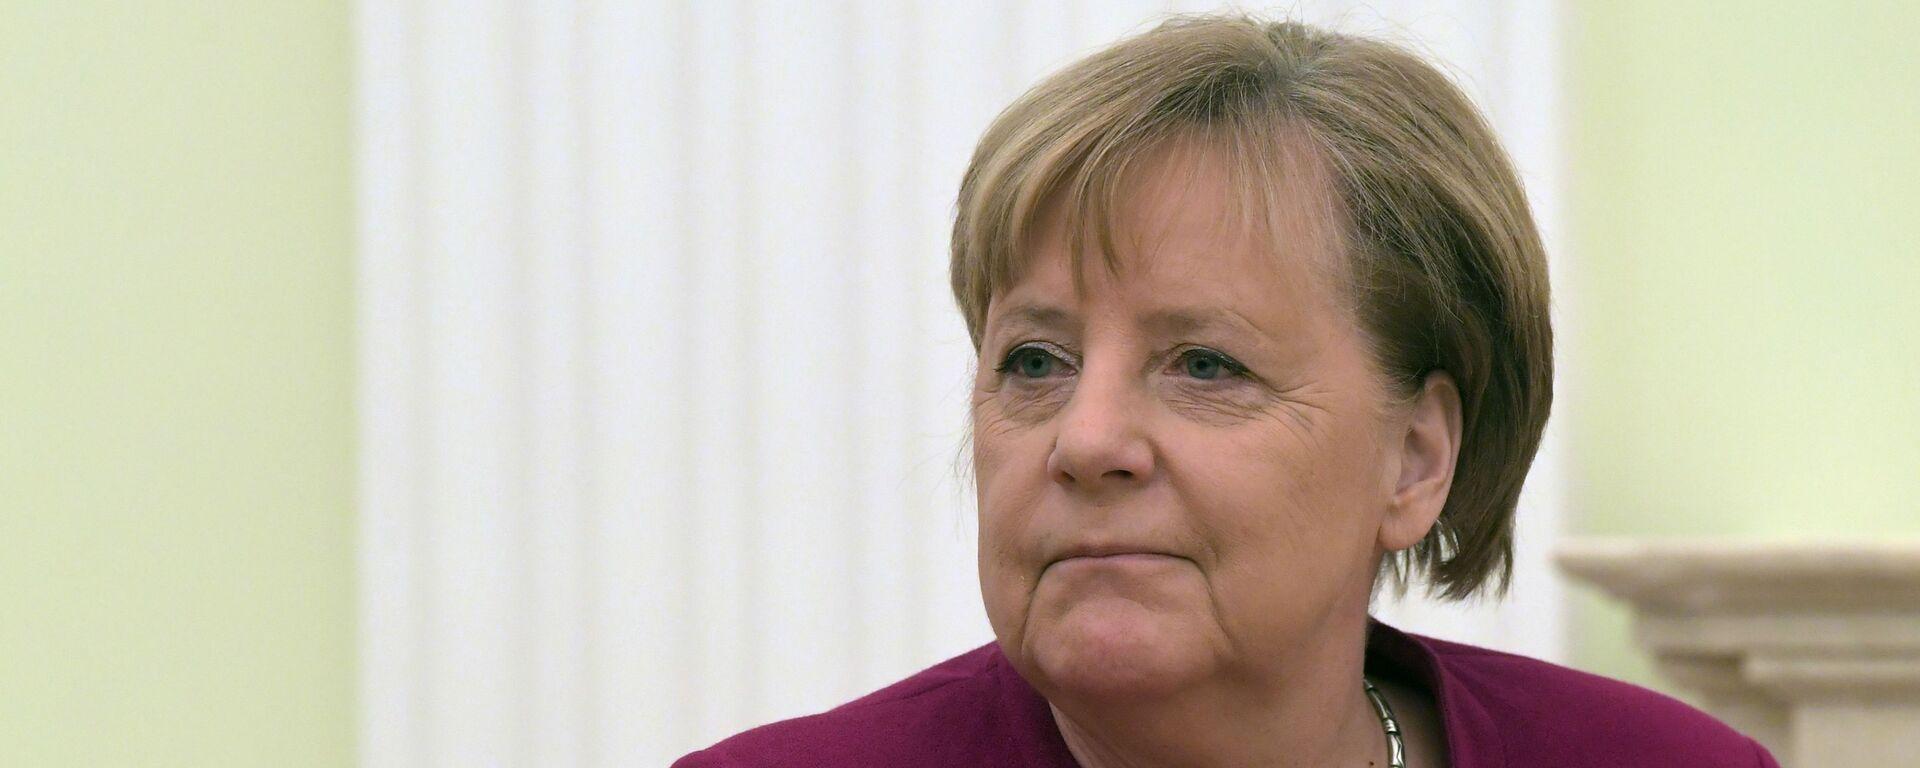 Федеральный канцлер Германии Ангела Меркель - Sputnik Тоҷикистон, 1920, 29.09.2020